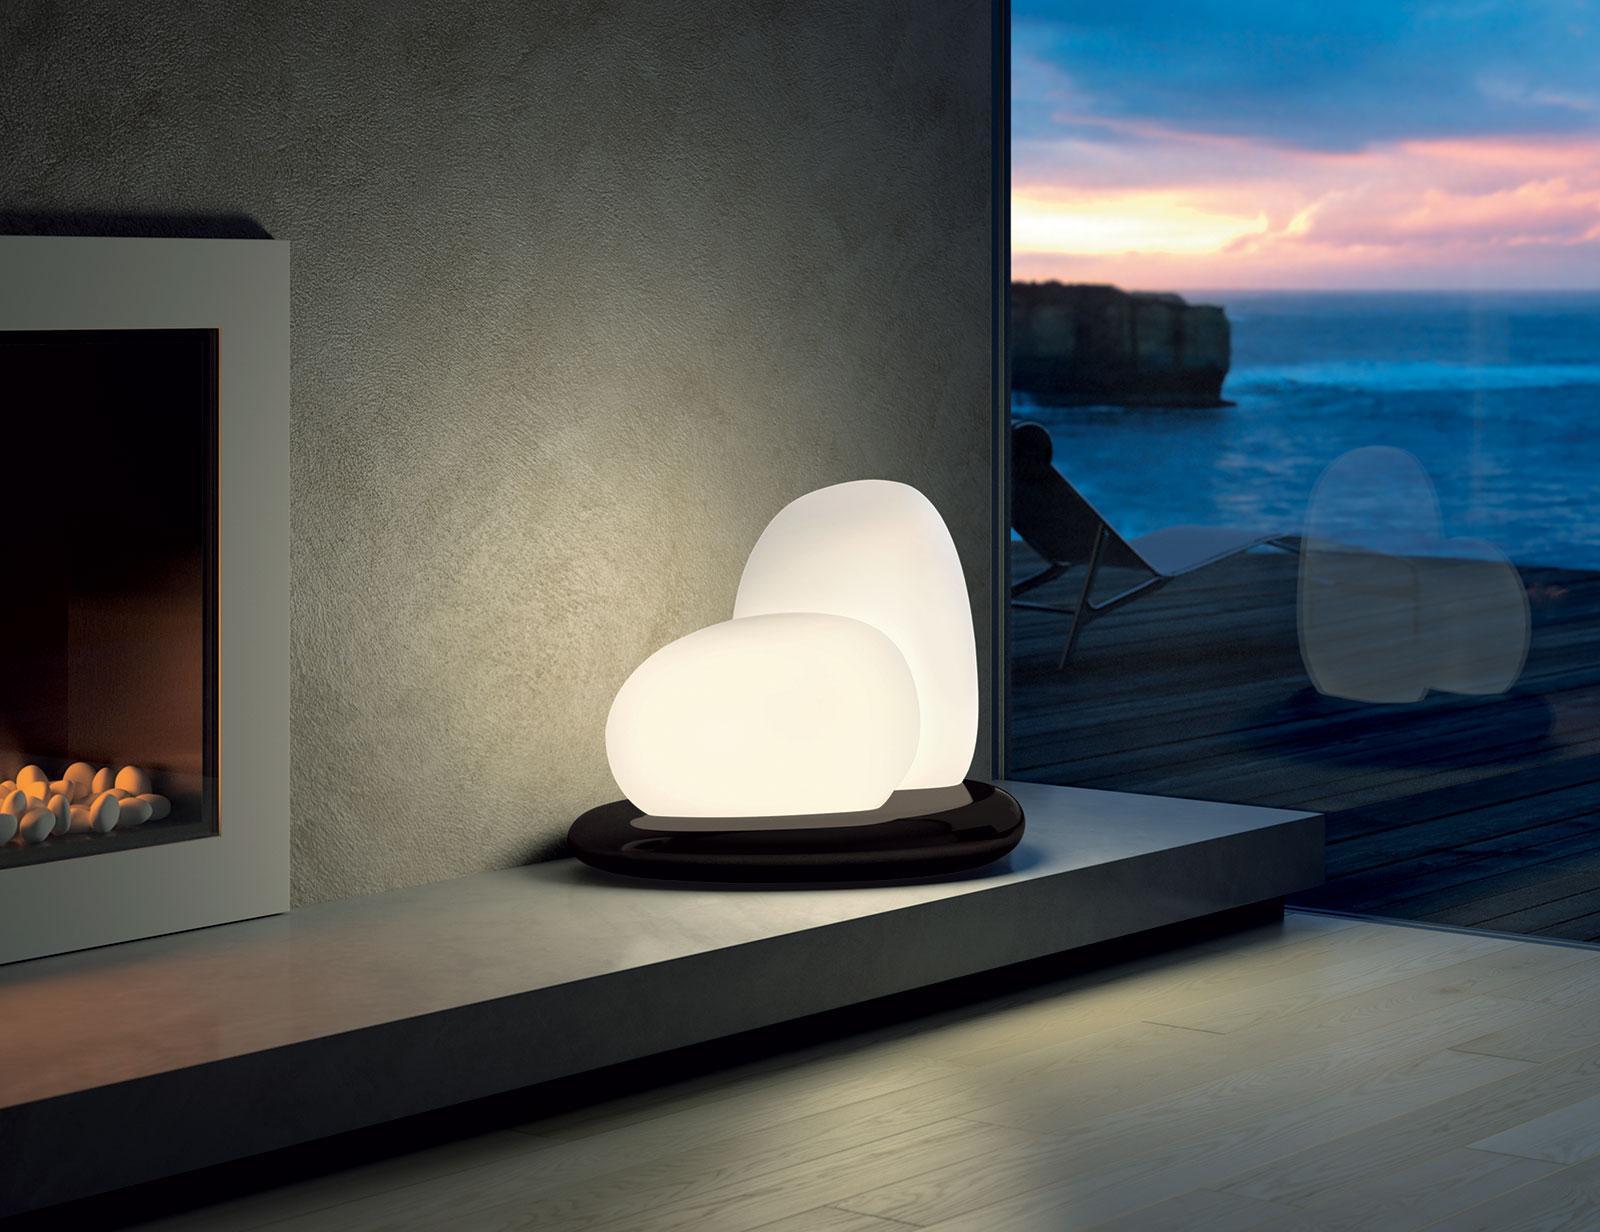 Moai lampe à poser en verre soufflé blanc satiné - IDD